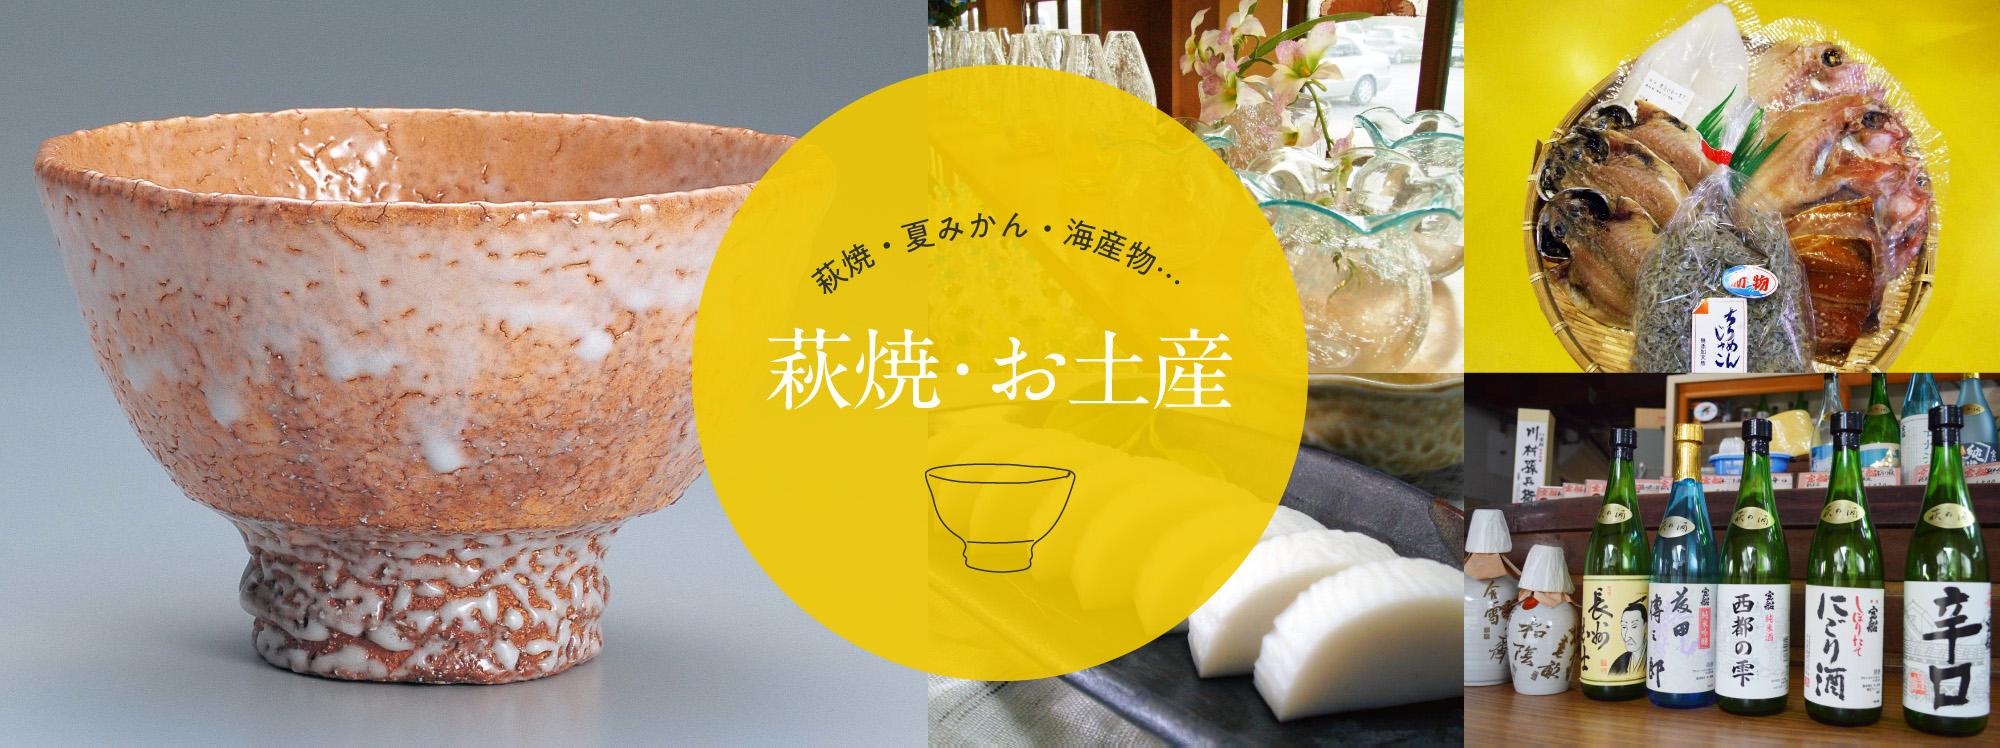 画像:萩焼・夏みかん・海産物…